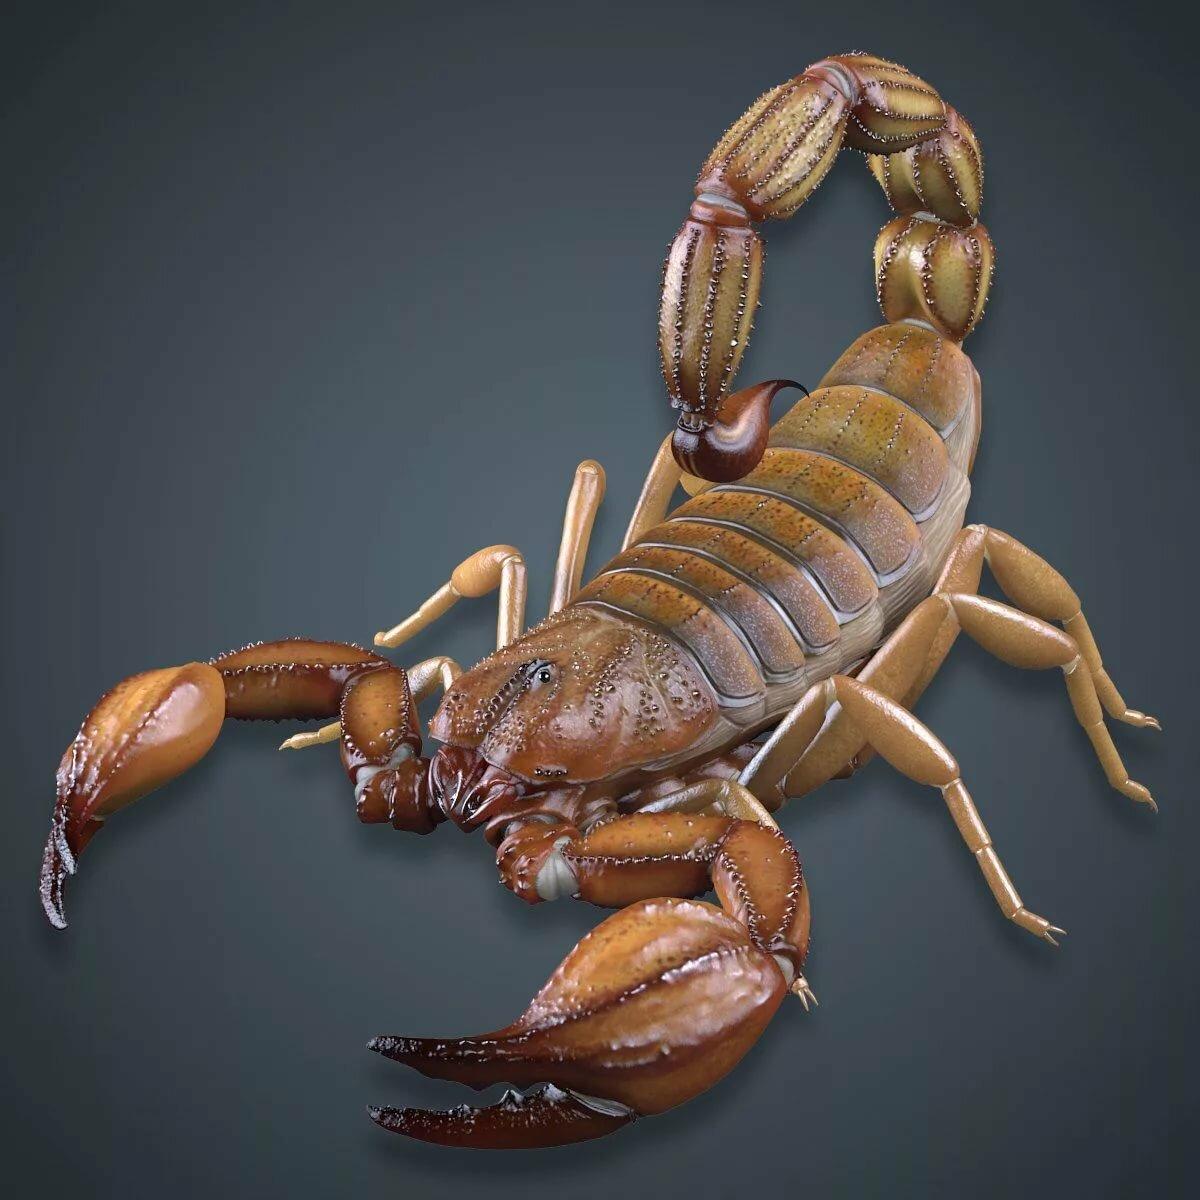 приобретёте супер скорпион картинки тело было сожжено